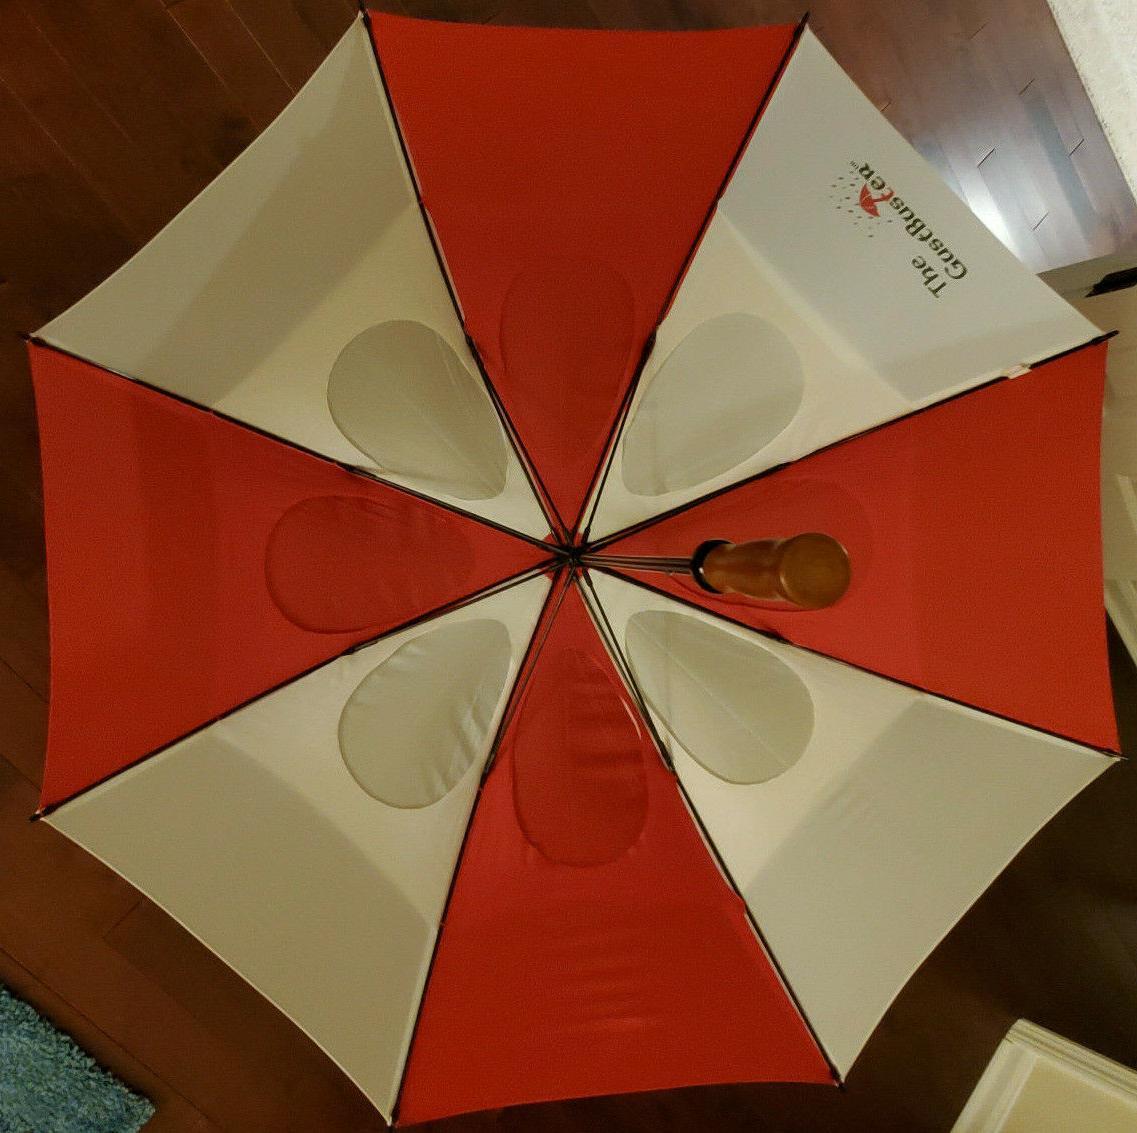 NEW GustBuster Umbrella white